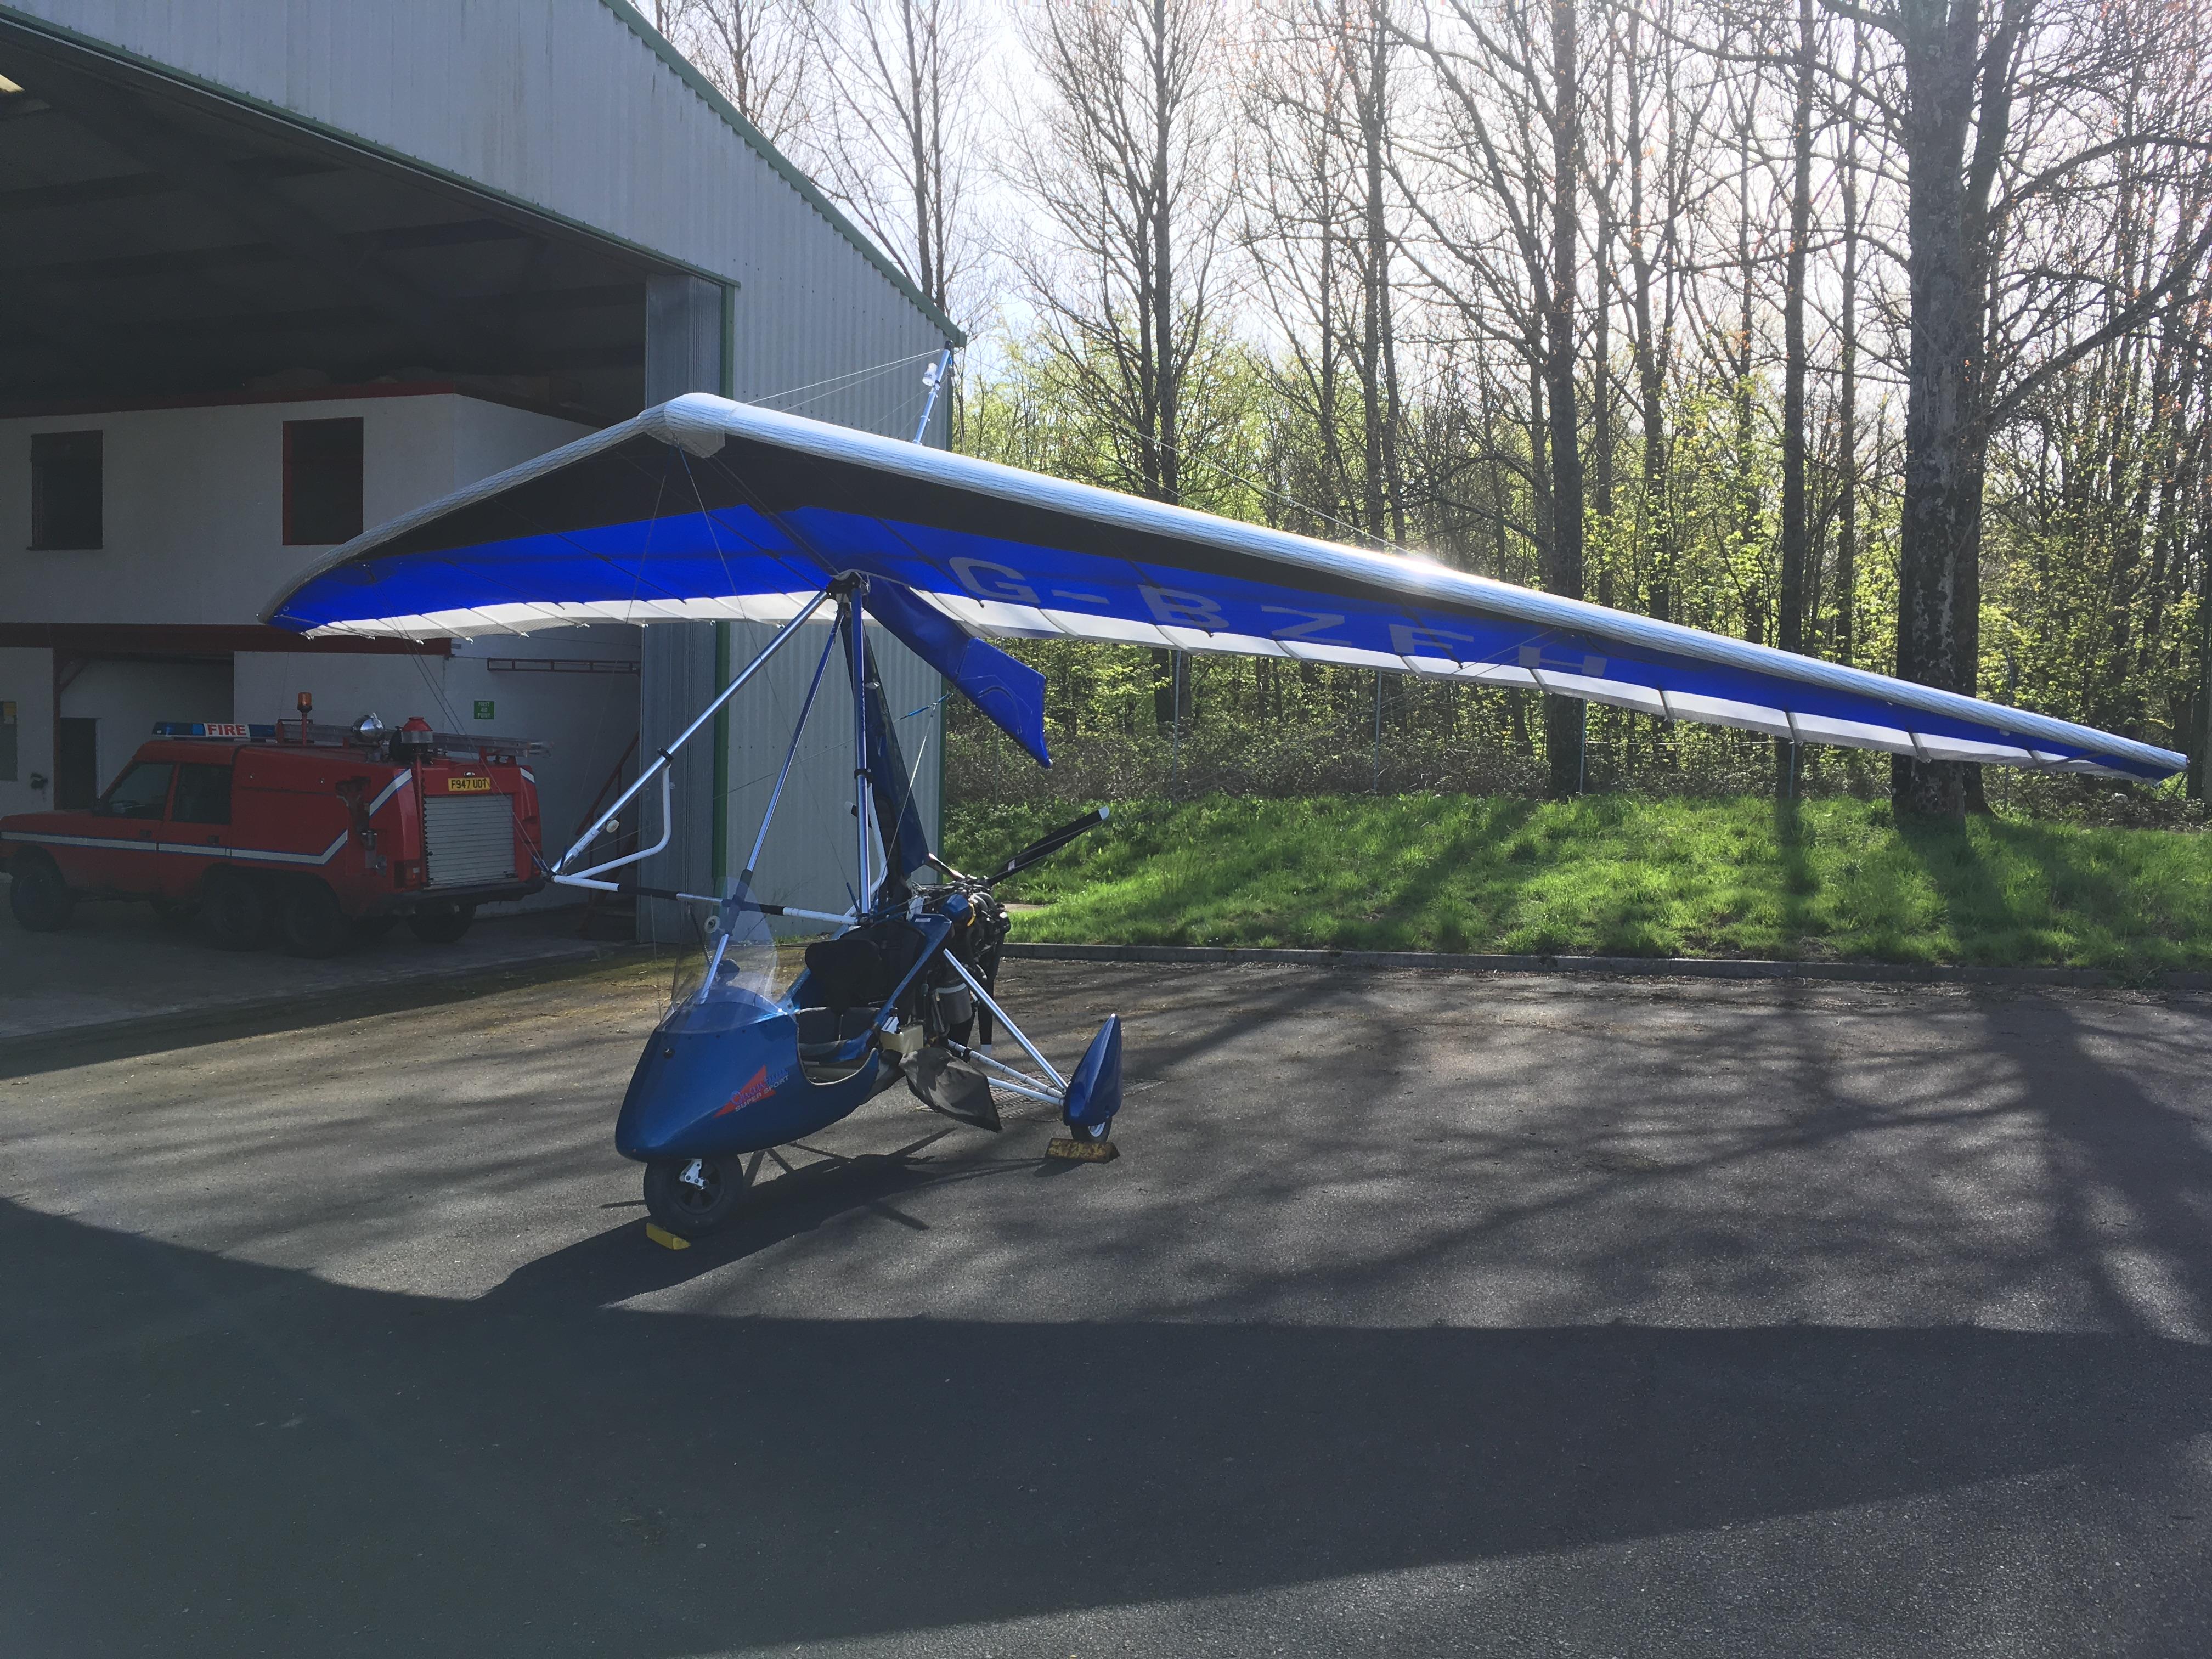 Quantum 912 Flexwing - New Sail 2018 | afors advert No45724